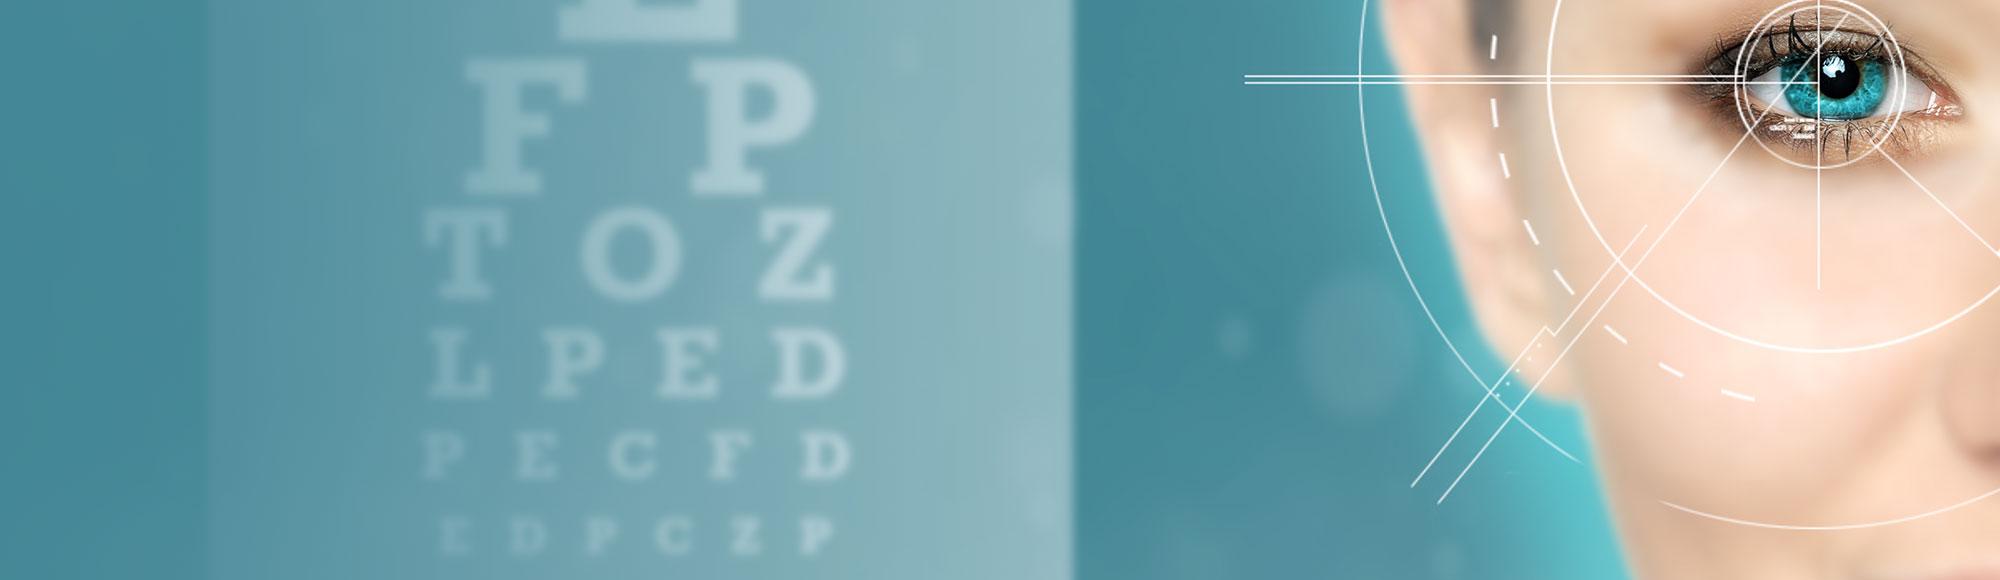 Optometrist google